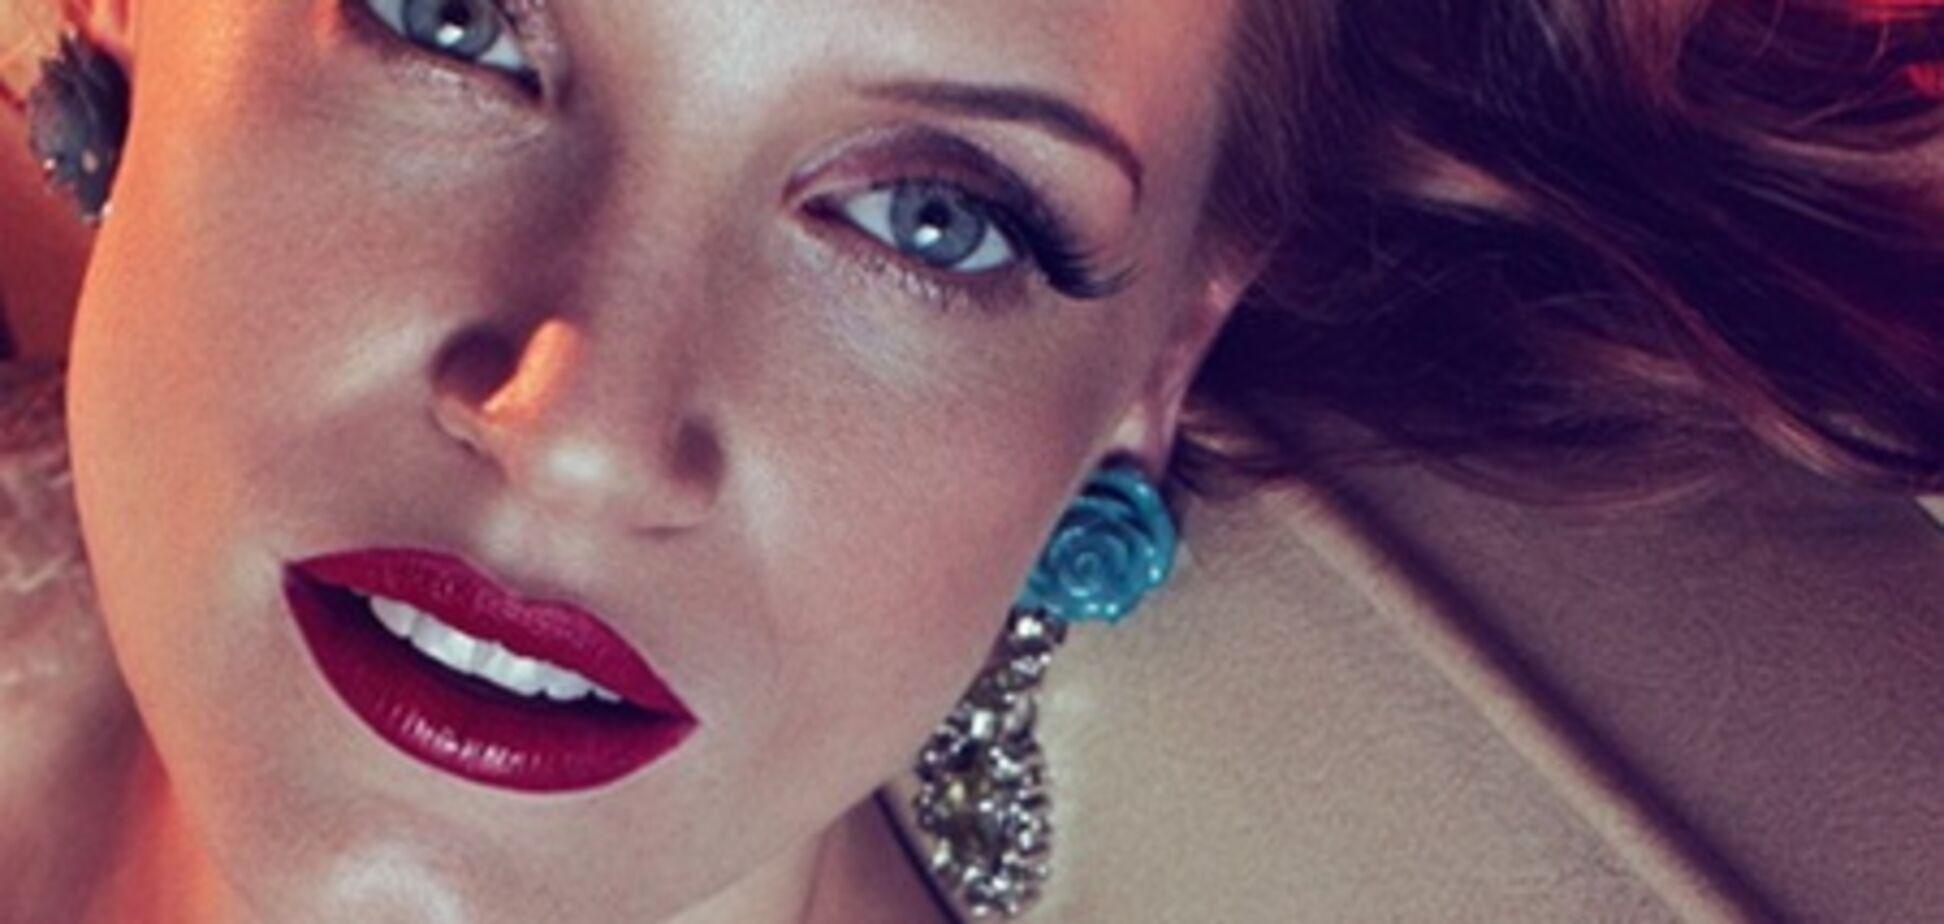 Огненная Джессика Честейн: красота, от которой не оторваться